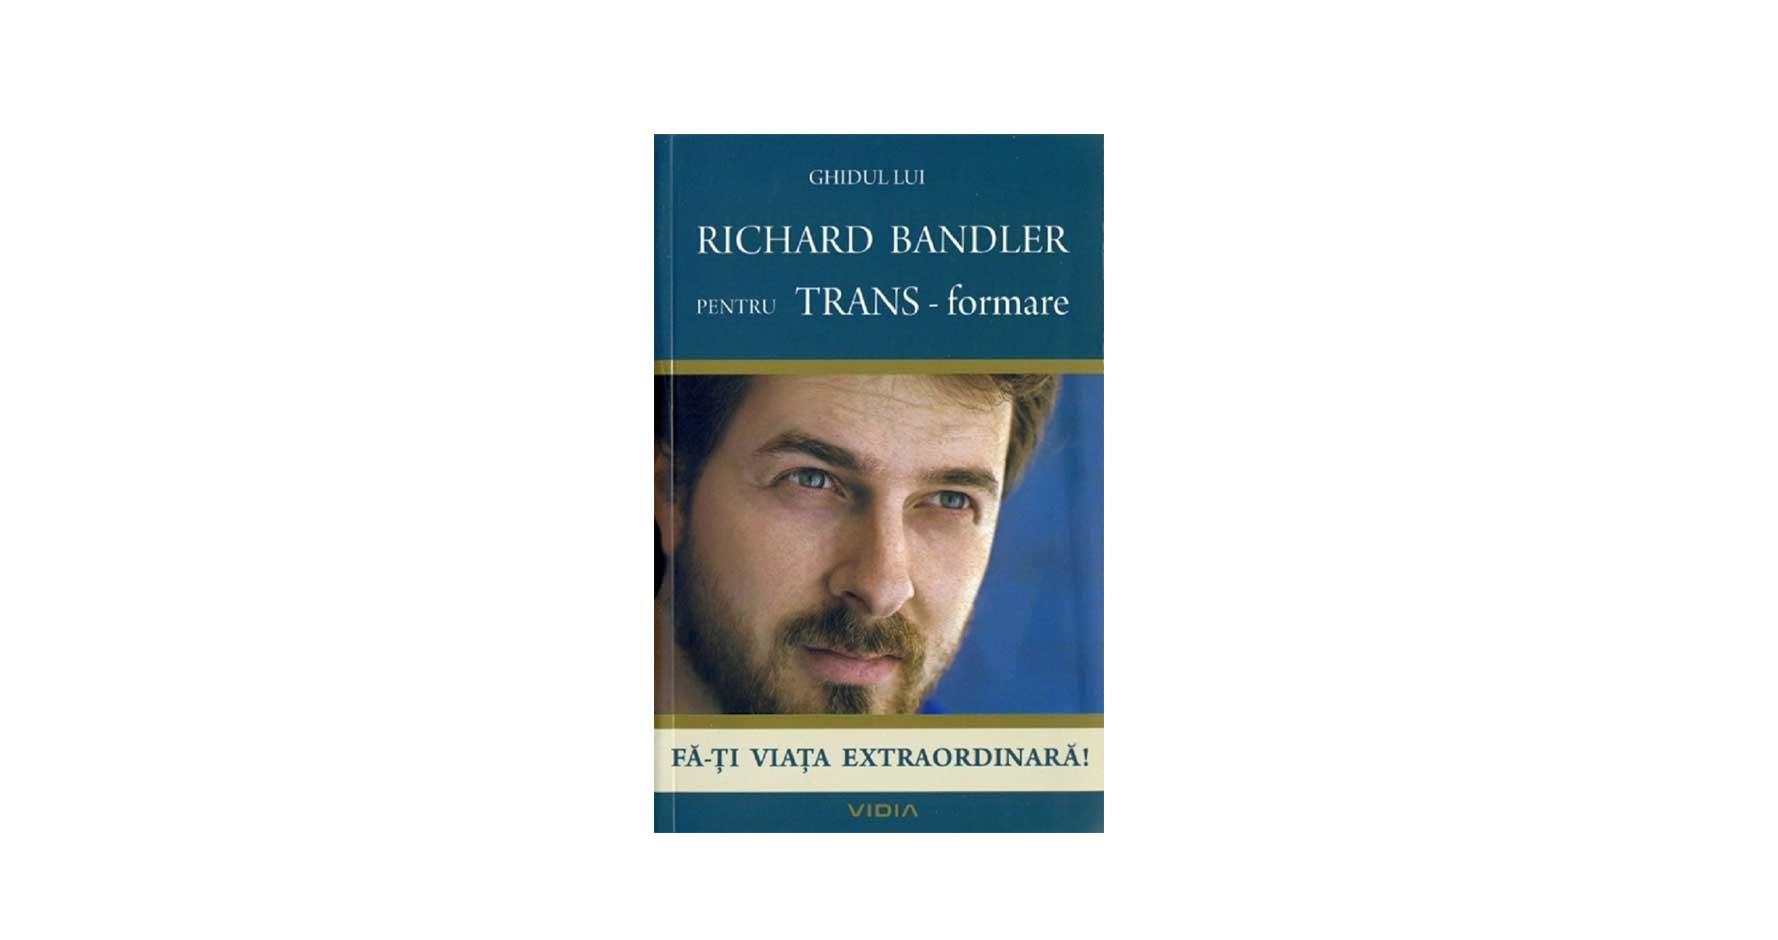 Ghidul lui Richard Bandler